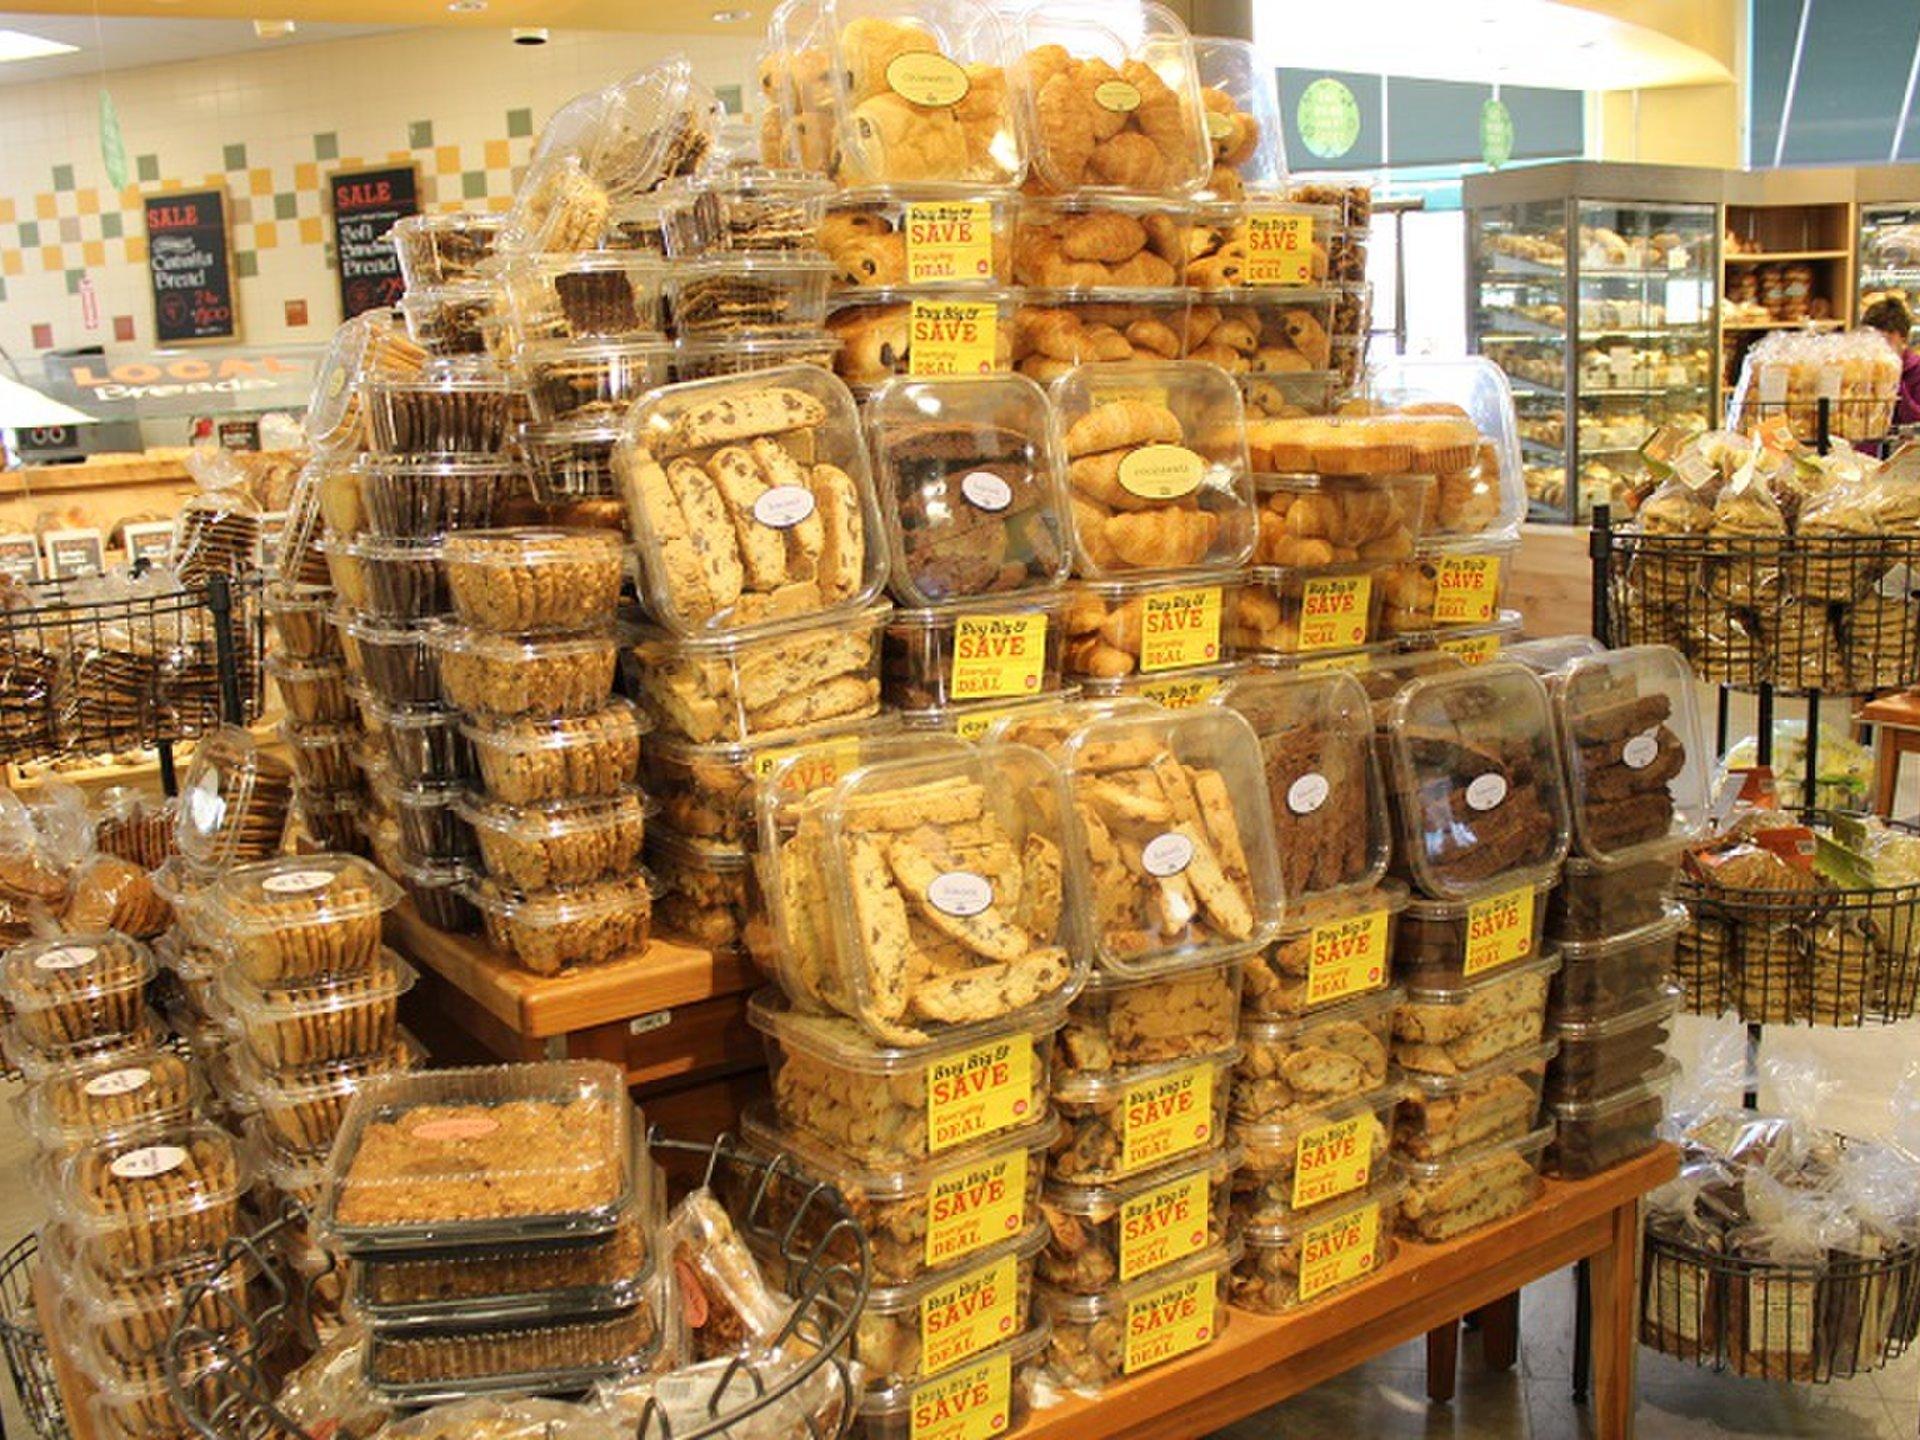 【ニューヨーク女子旅】海外旅行中も健康的な食事✡お土産にも良し‼!NYの注目オーガニック店